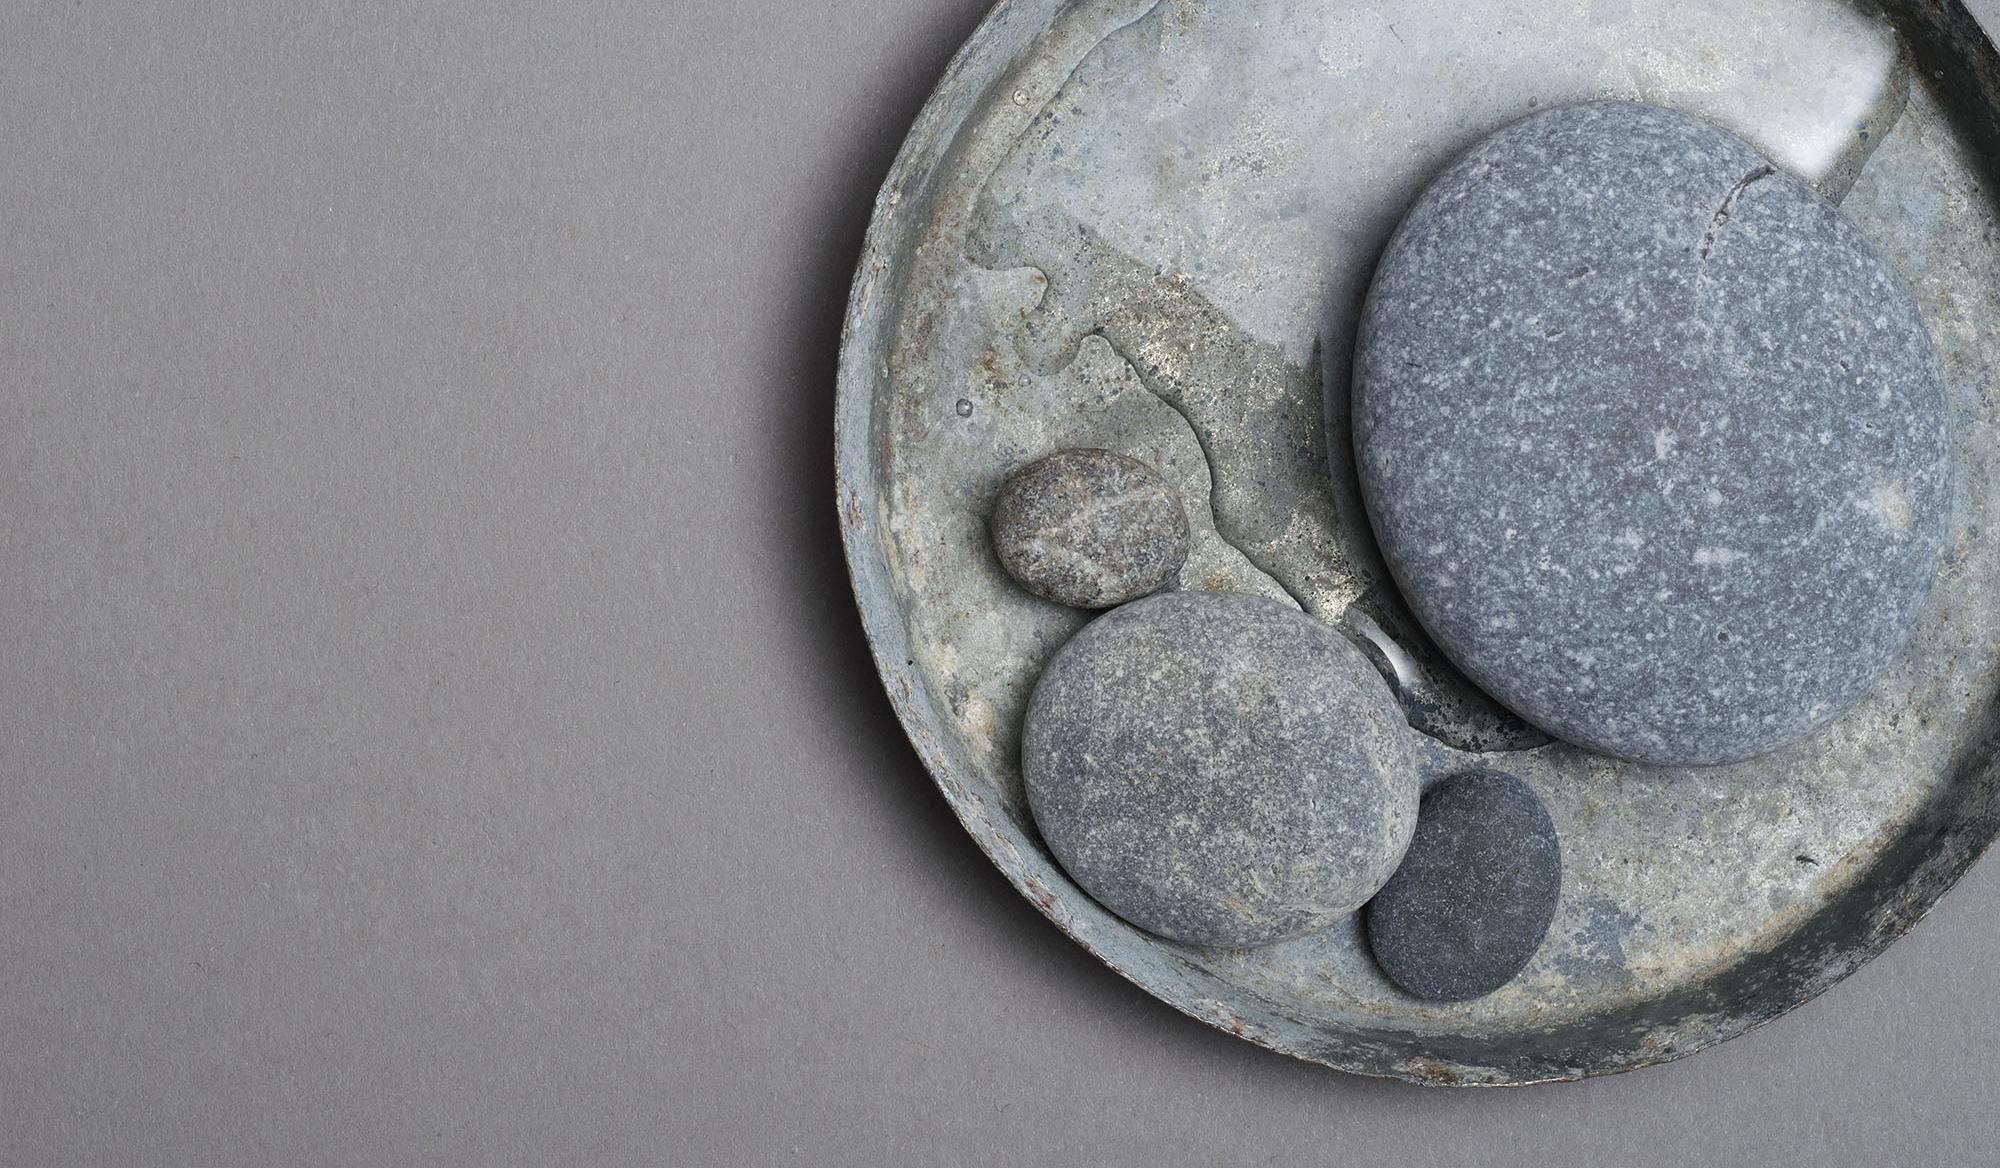 Stones Water-0380.jpg